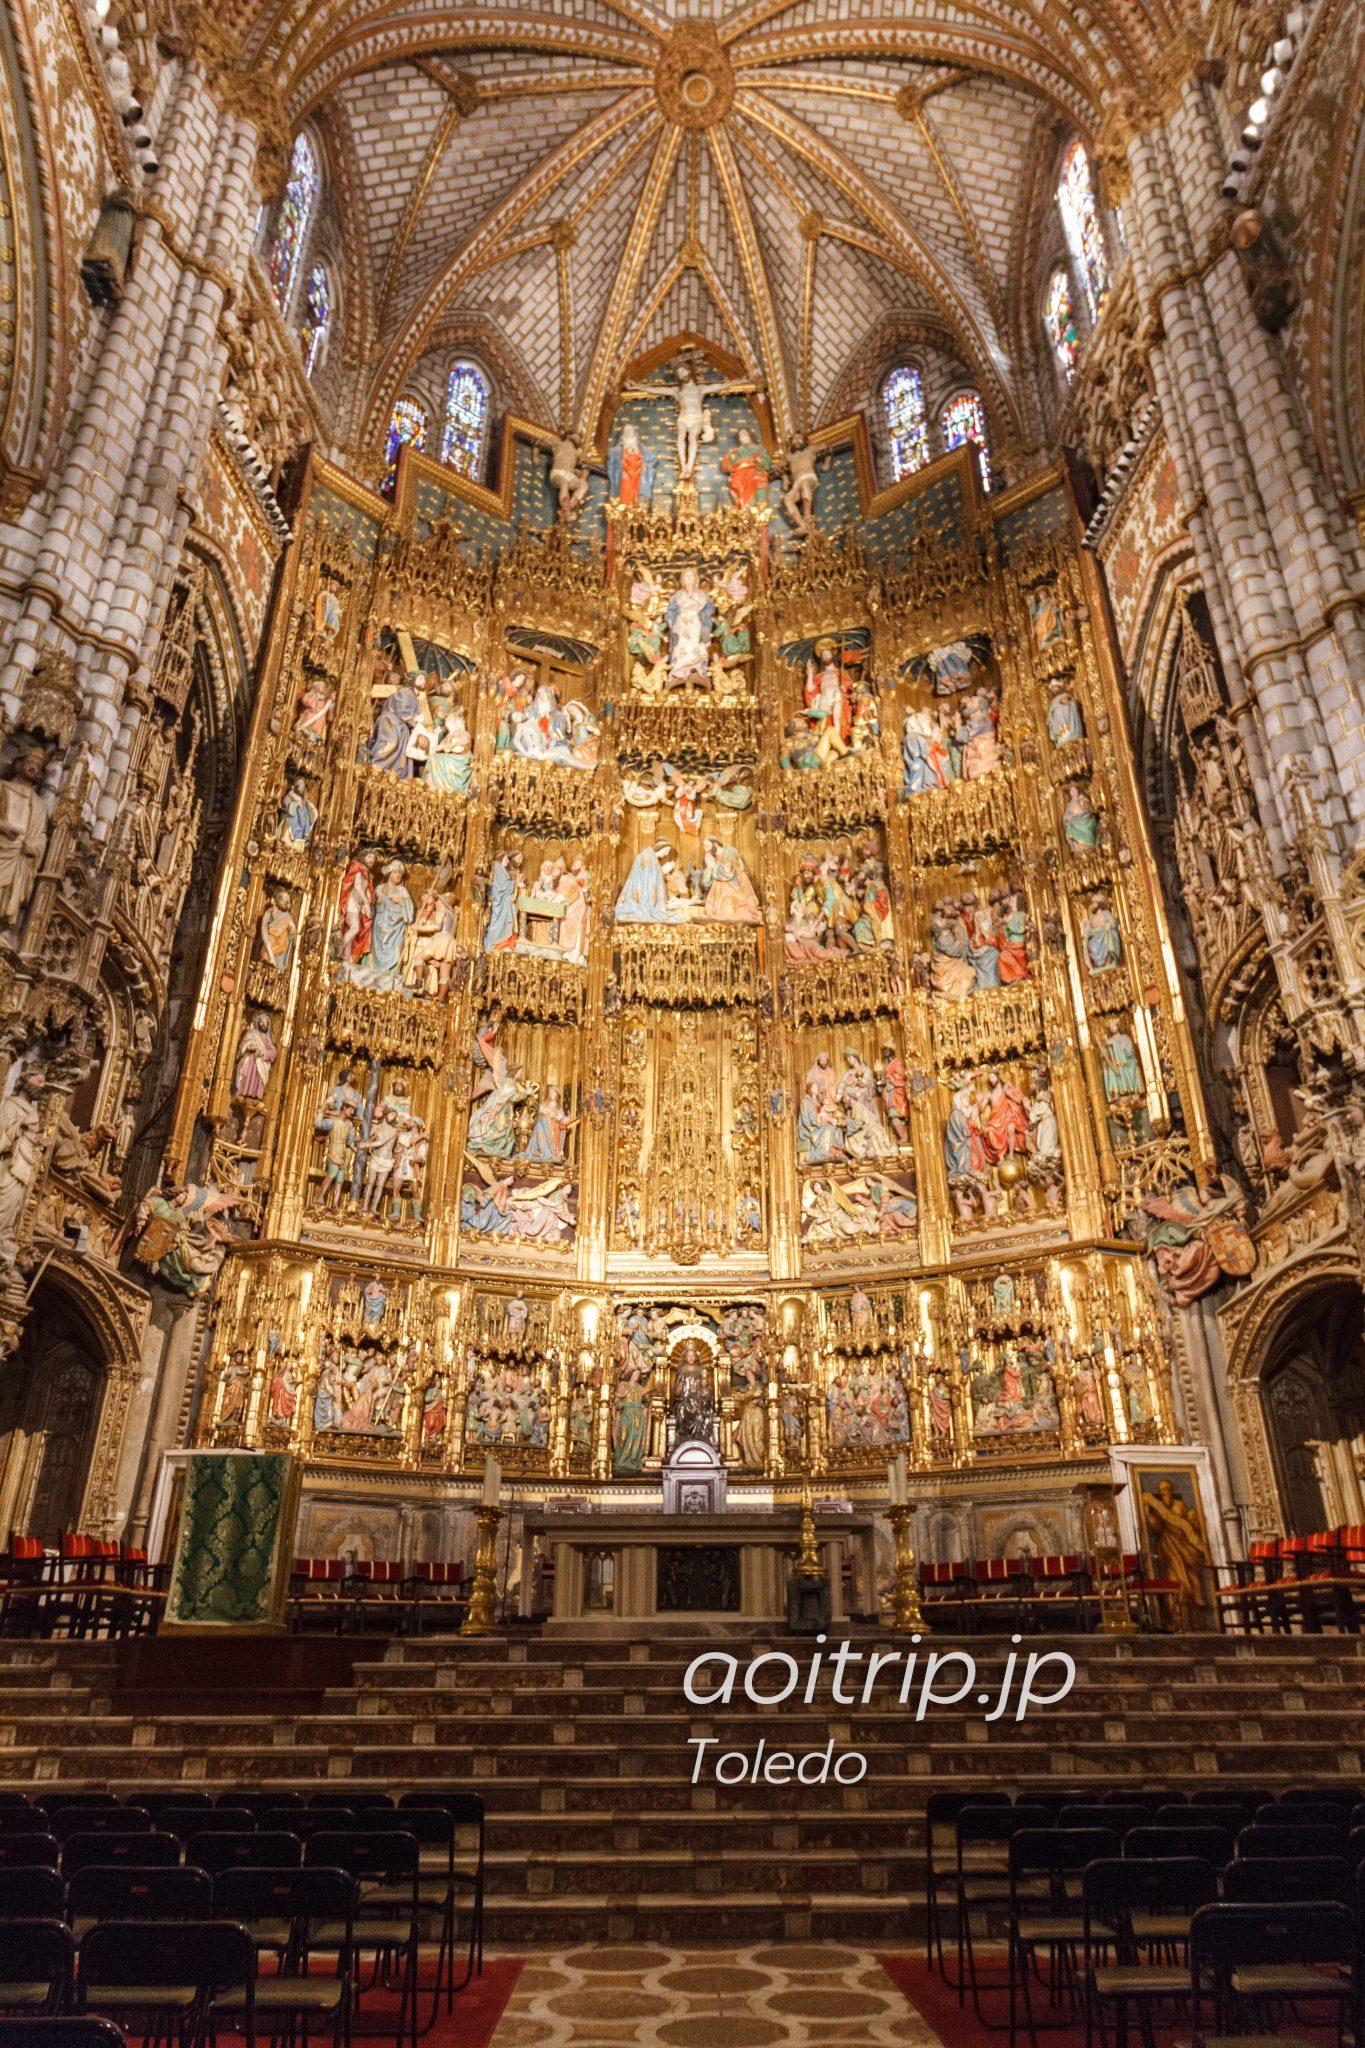 トレド大聖堂 ゴシック様式の祭壇画